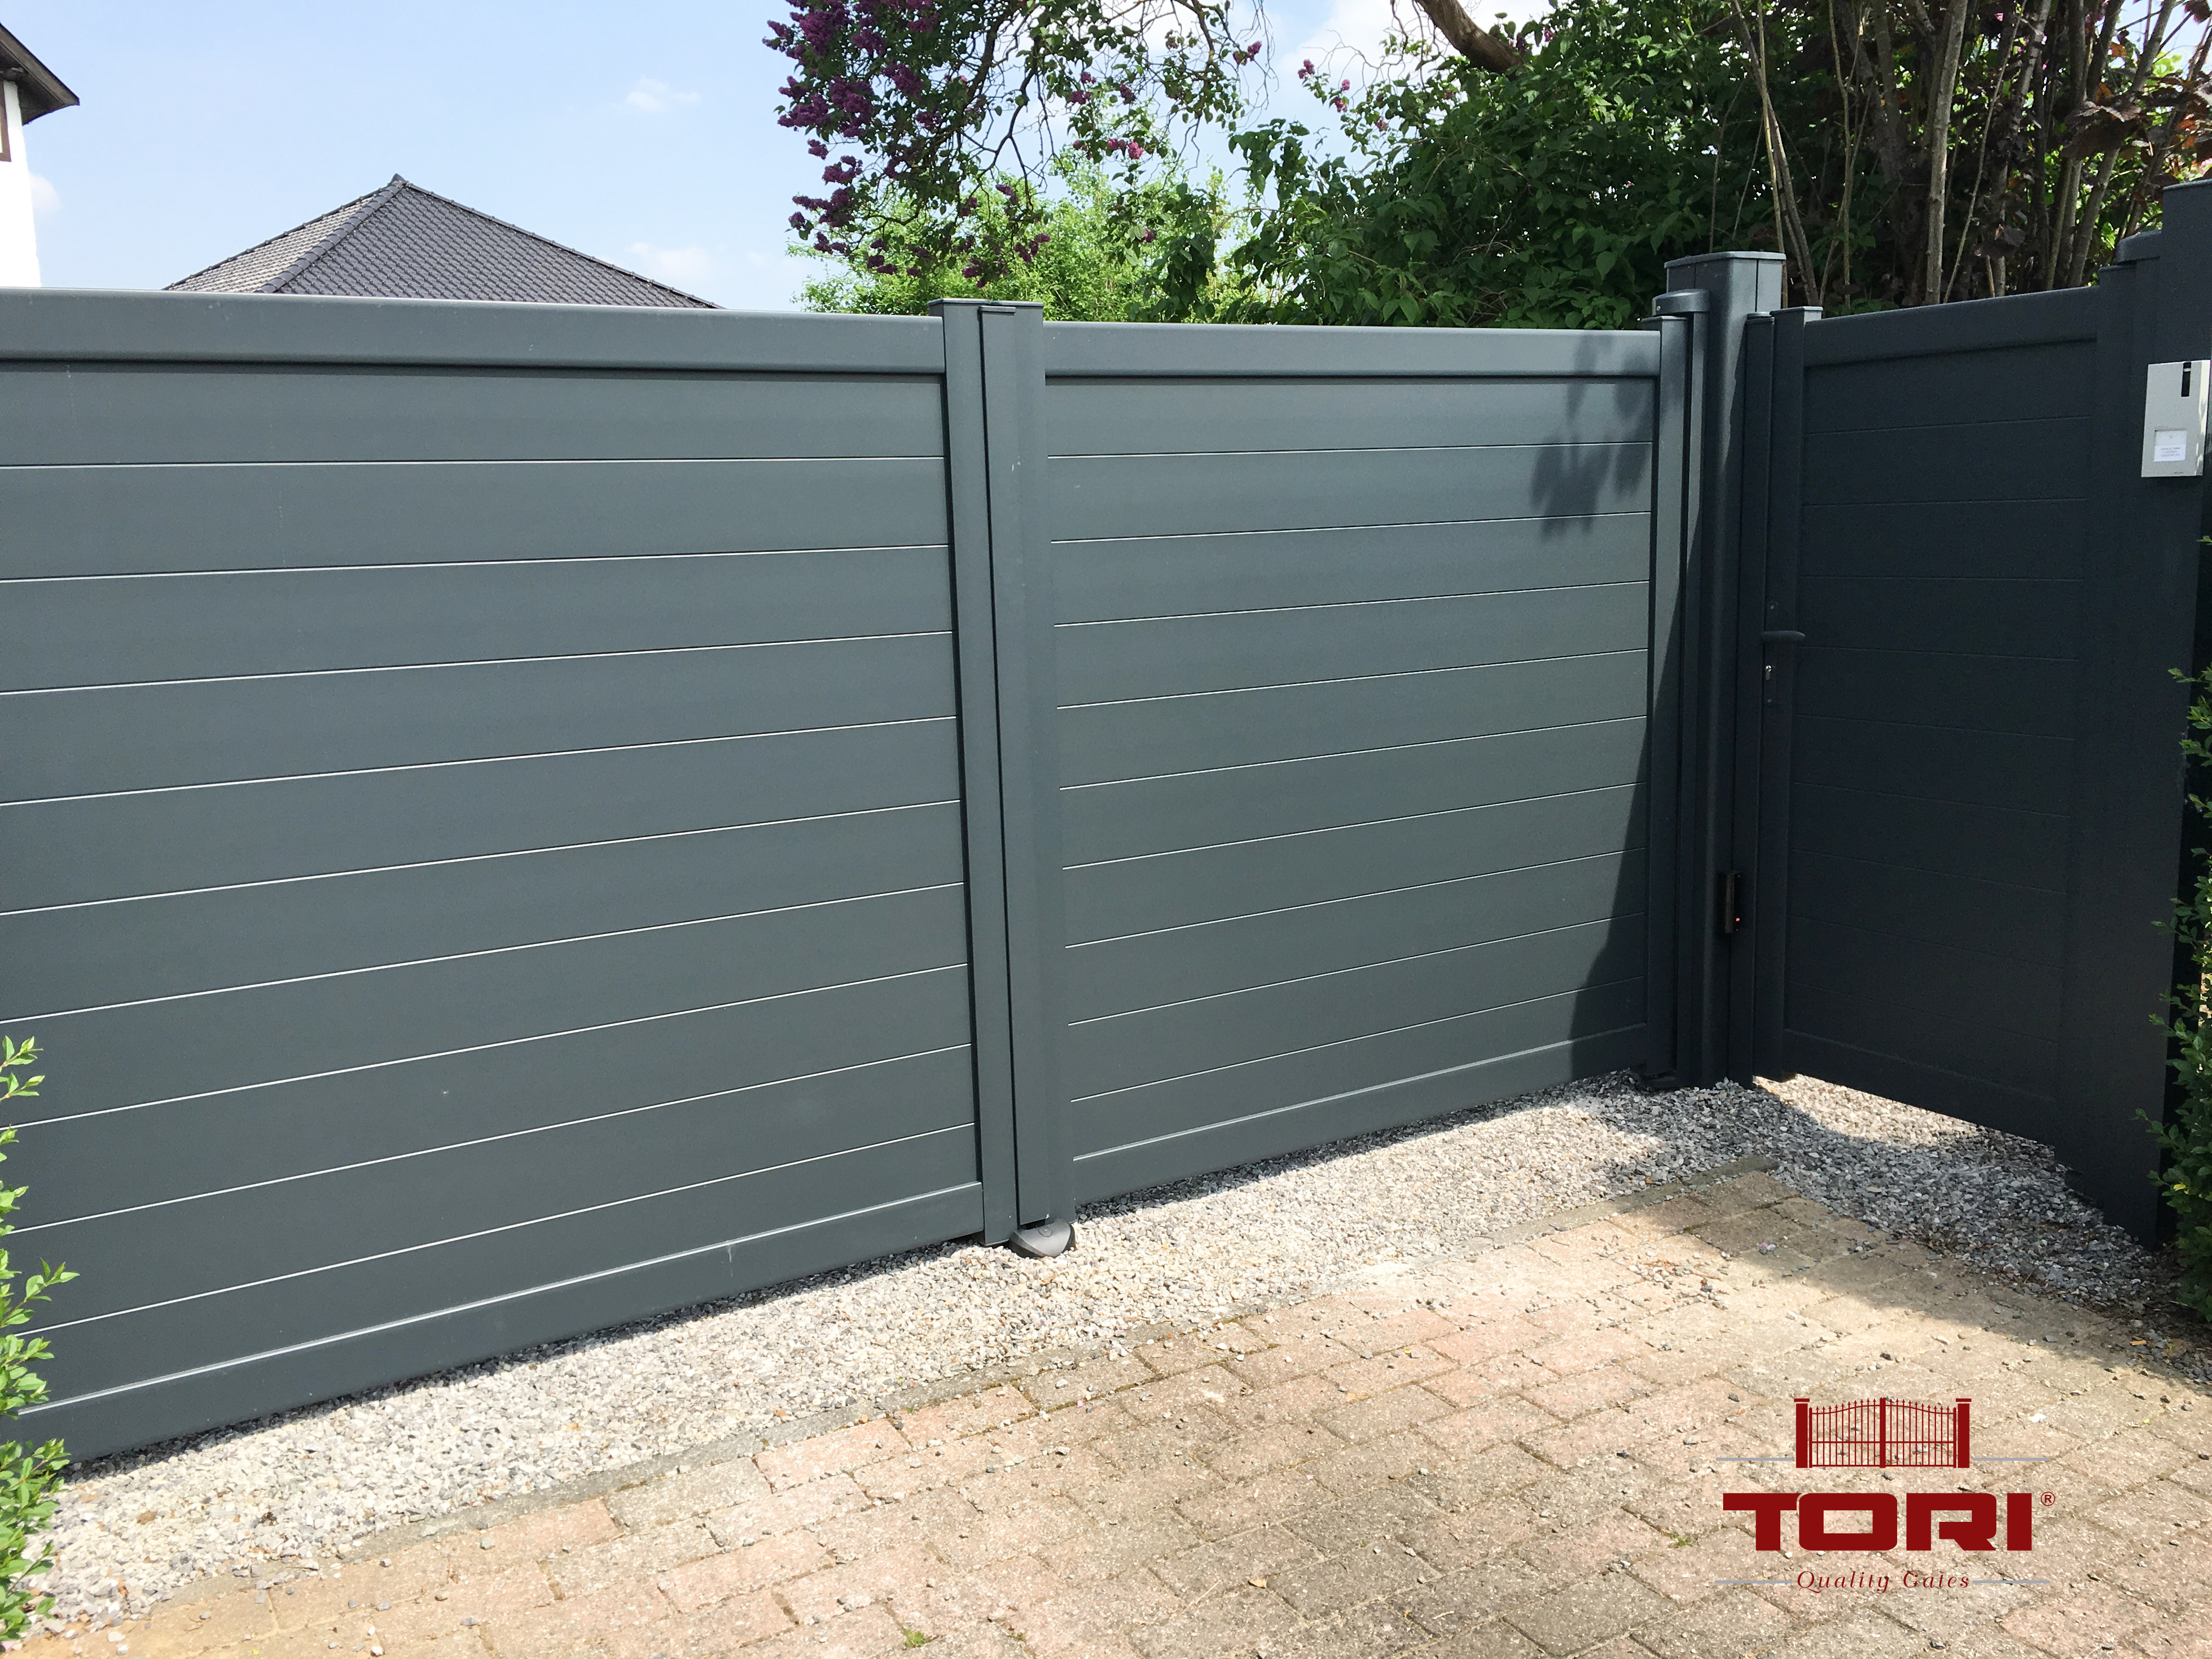 Portail et portillon aluminium ana tori portails for Portail portillon aluminium